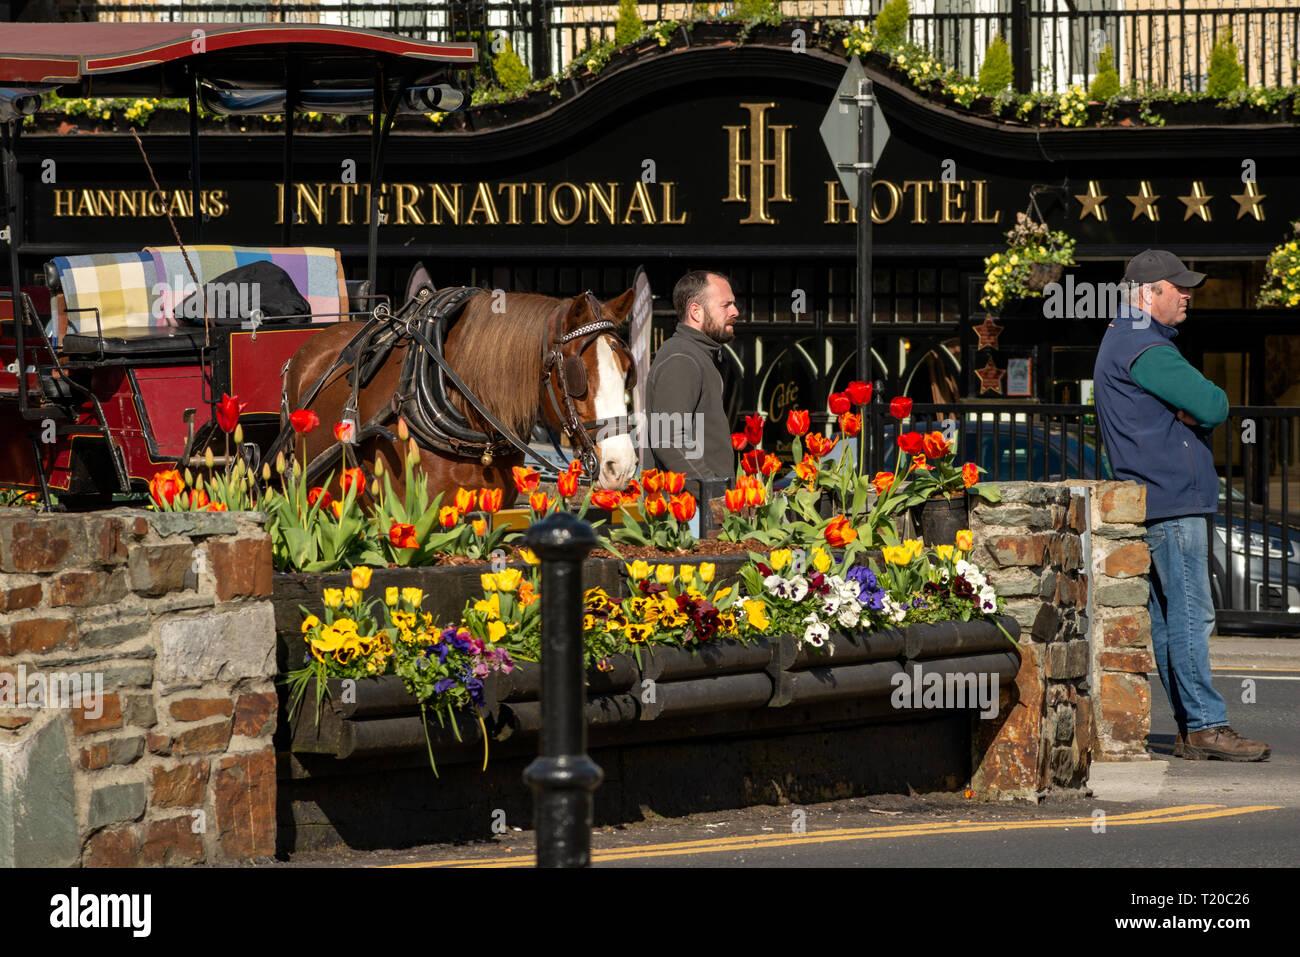 Jarveys attendent les clients à l'hôtel International dans le centre-ville de Killarney sur matin ensoleillé lumineux. Vue d'habitude tous les jours dans le comté de Kerry Killarney Photo Stock